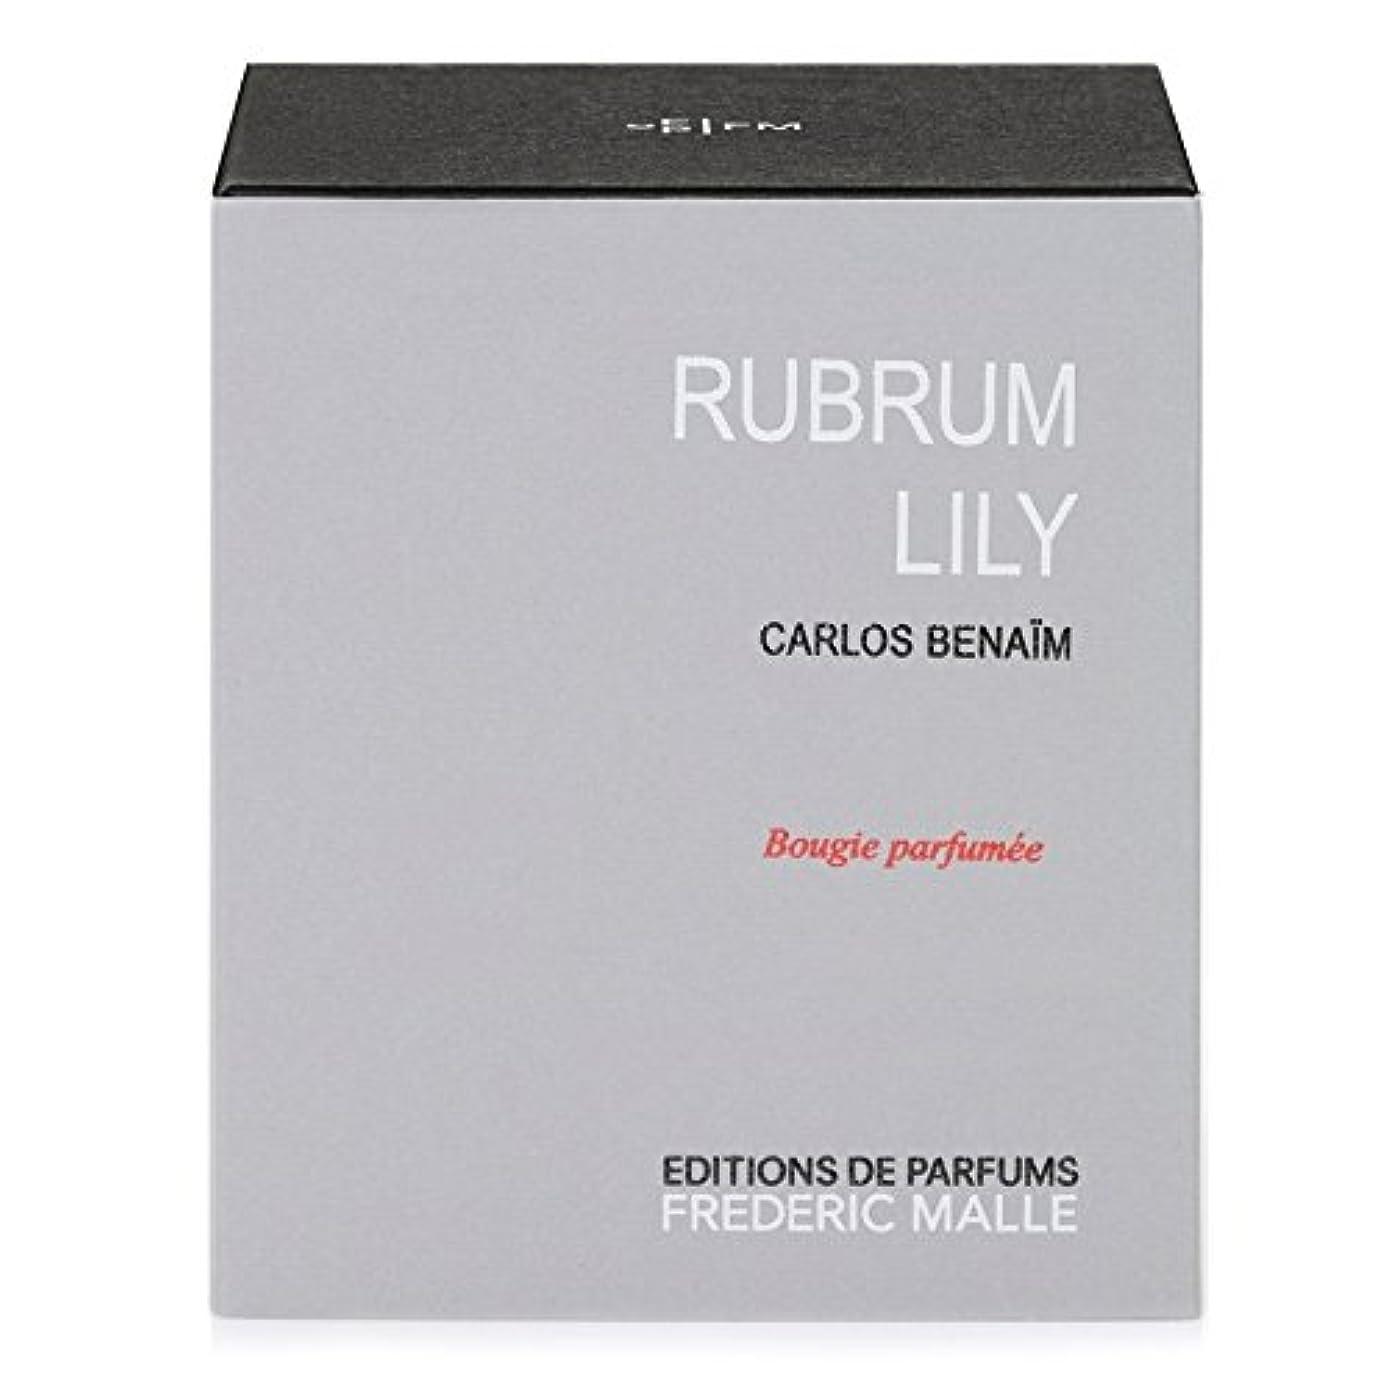 眼ツーリスト技術的なフレデリック?マルルブルムユリの香りのキャンドル x6 - Frederic Malle Rubrum Lily Scented Candle (Pack of 6) [並行輸入品]